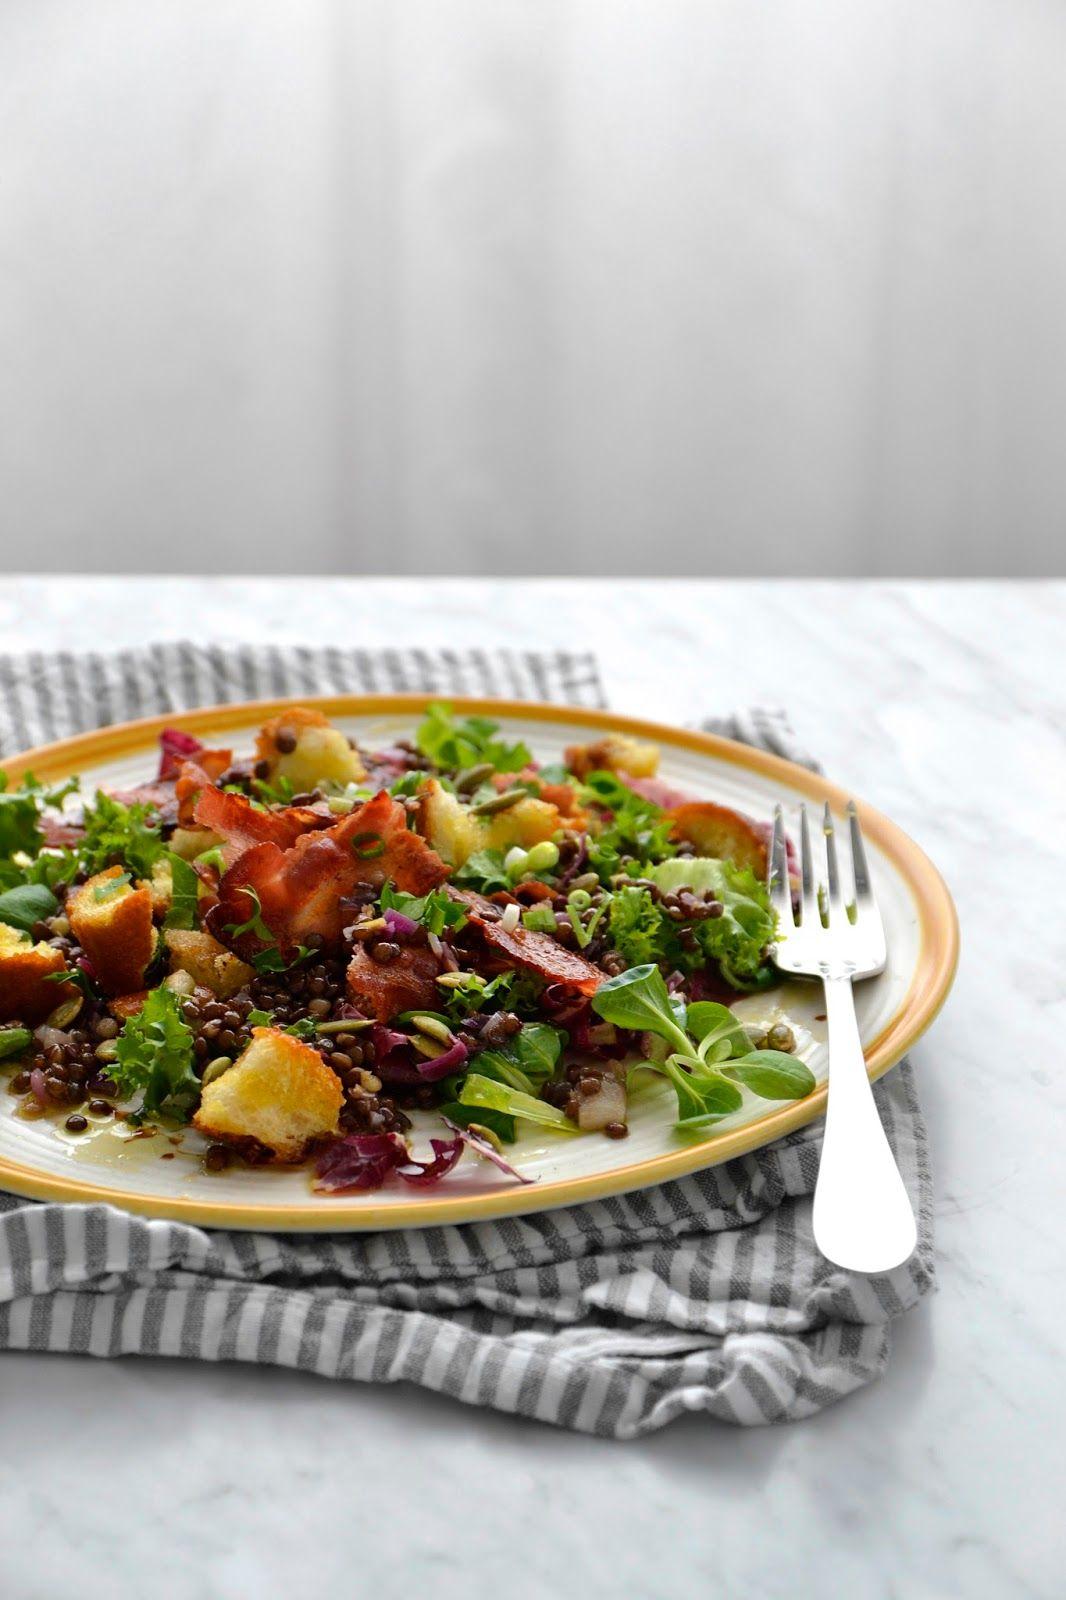 Salade De Lentilles Lardons : salade, lentilles, lardons, Simple, Comme, Salade, Lentilles, Croustillant, Cuisine, C'est, Lentilles,, Salade,, Idée, Recette